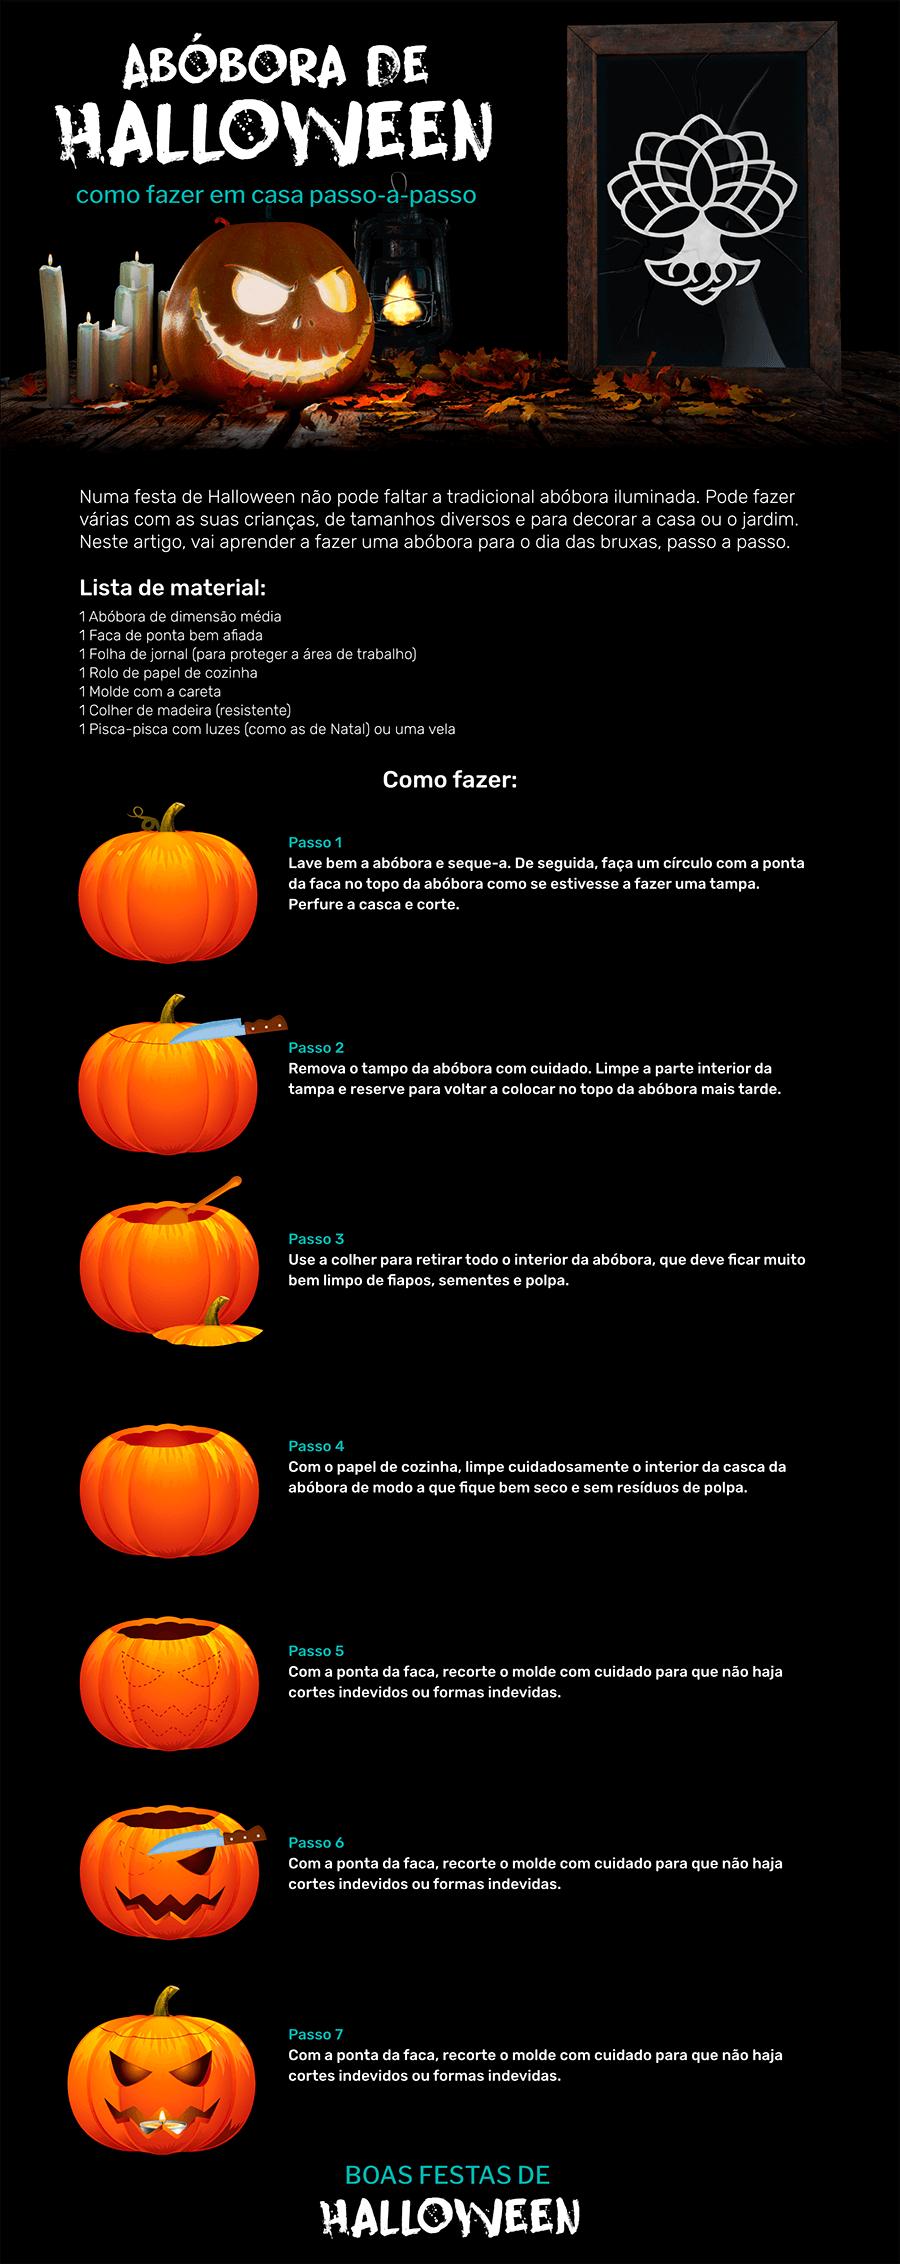 abobora de halloween como fazer